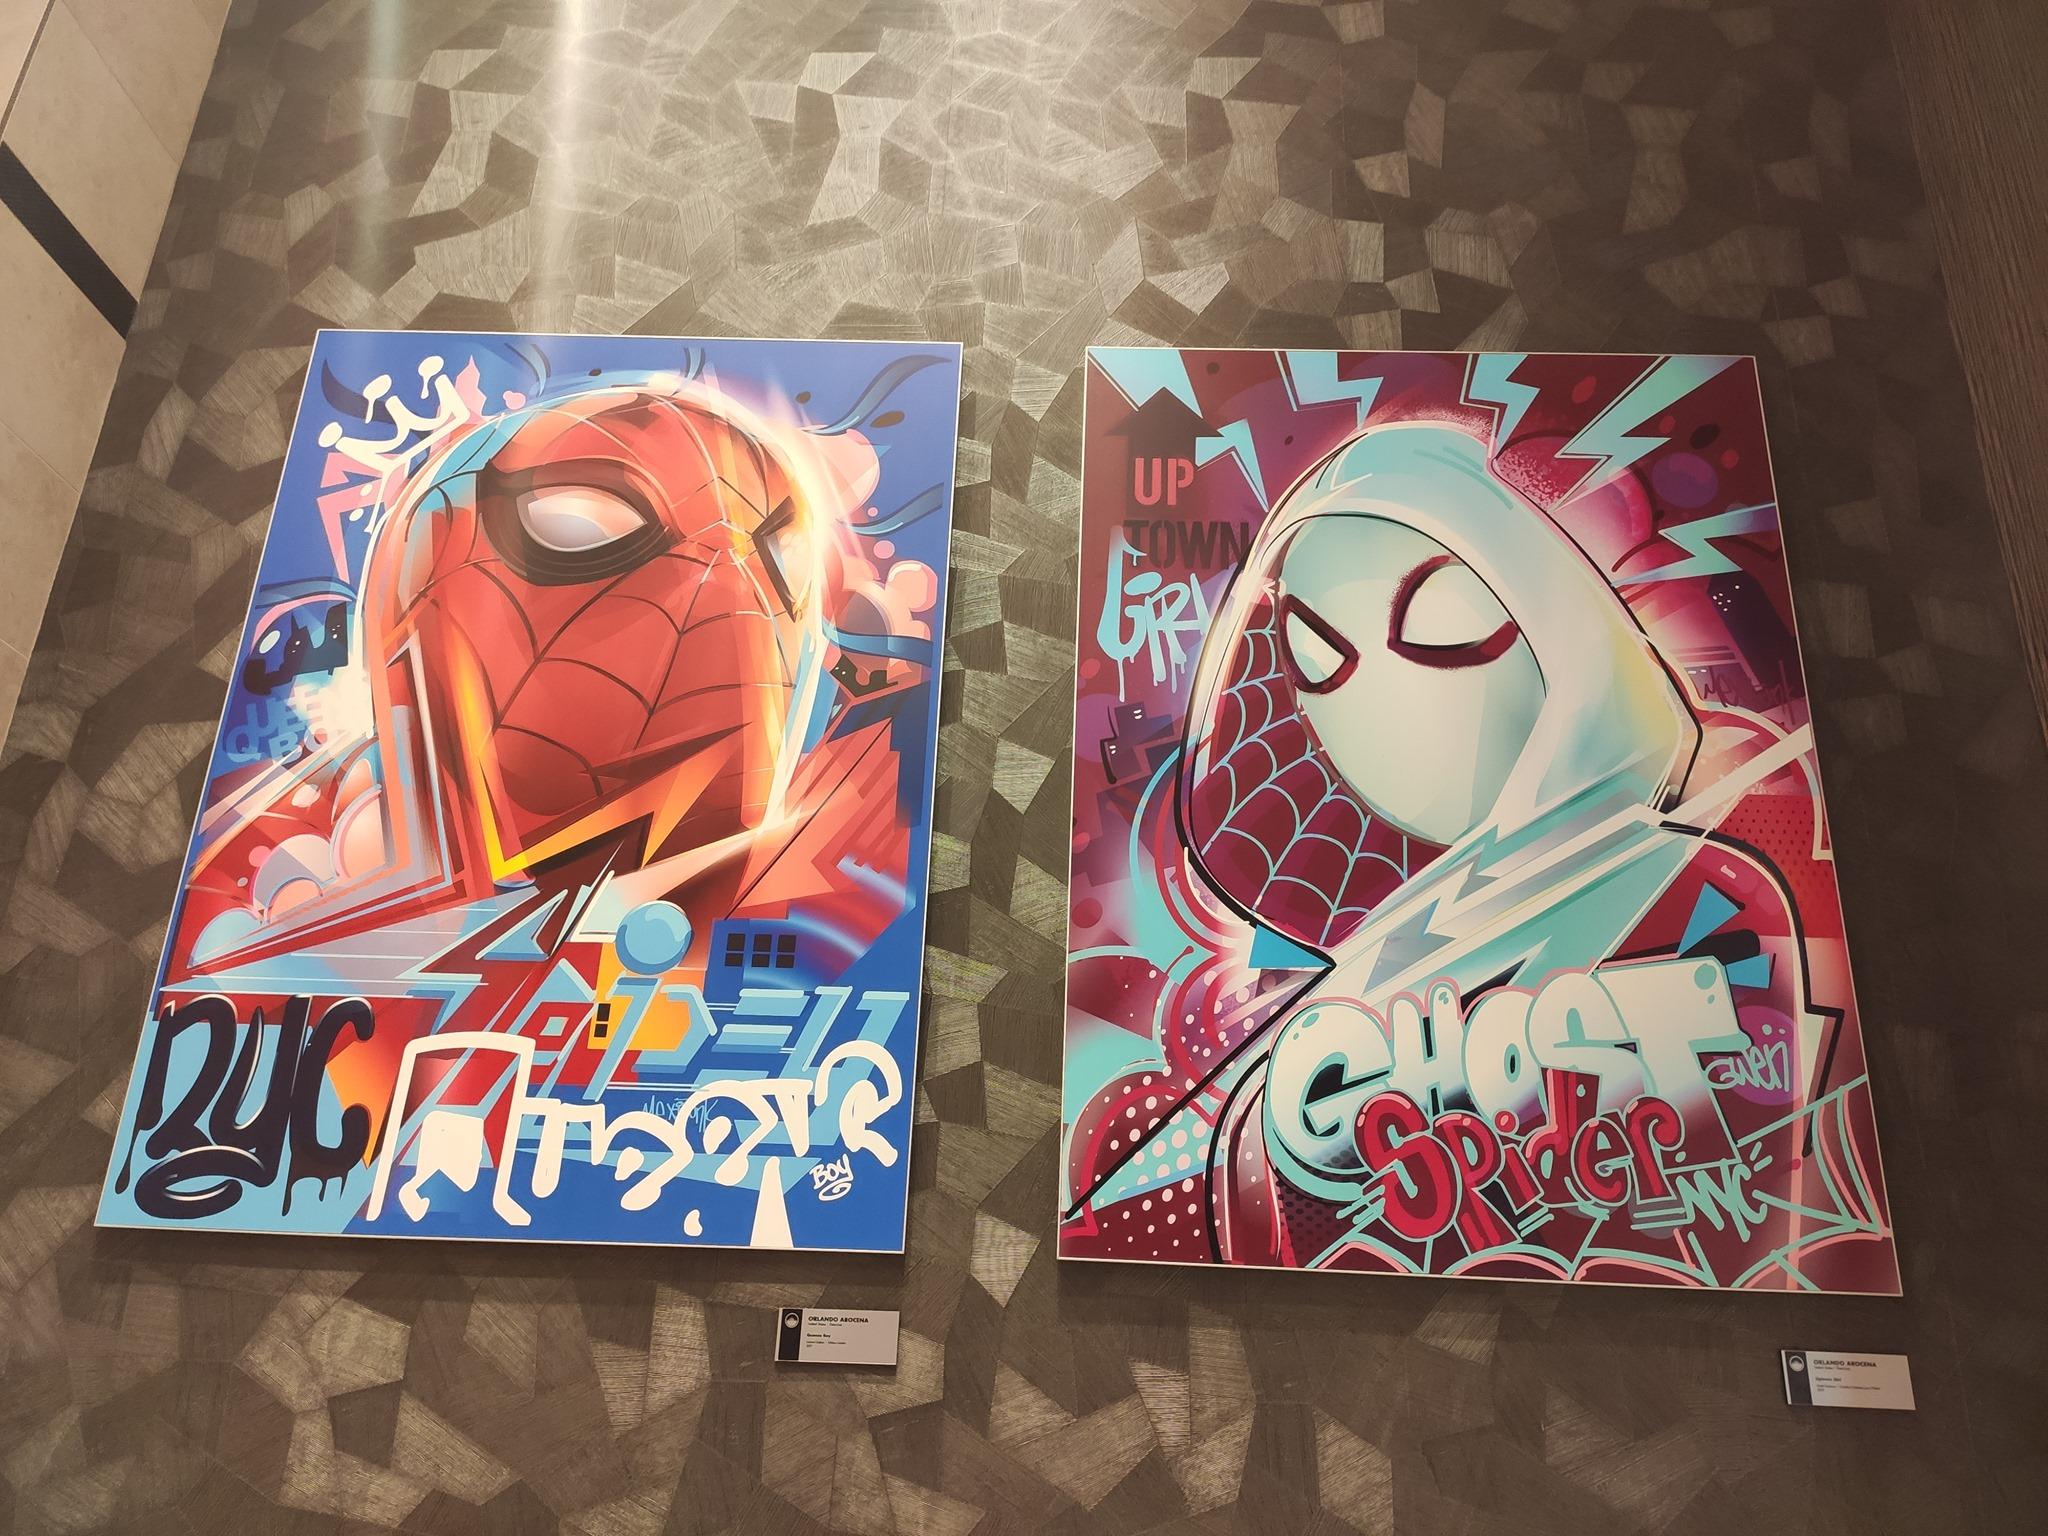 Street art - Disney's Hotel New York - The Art of Marvel